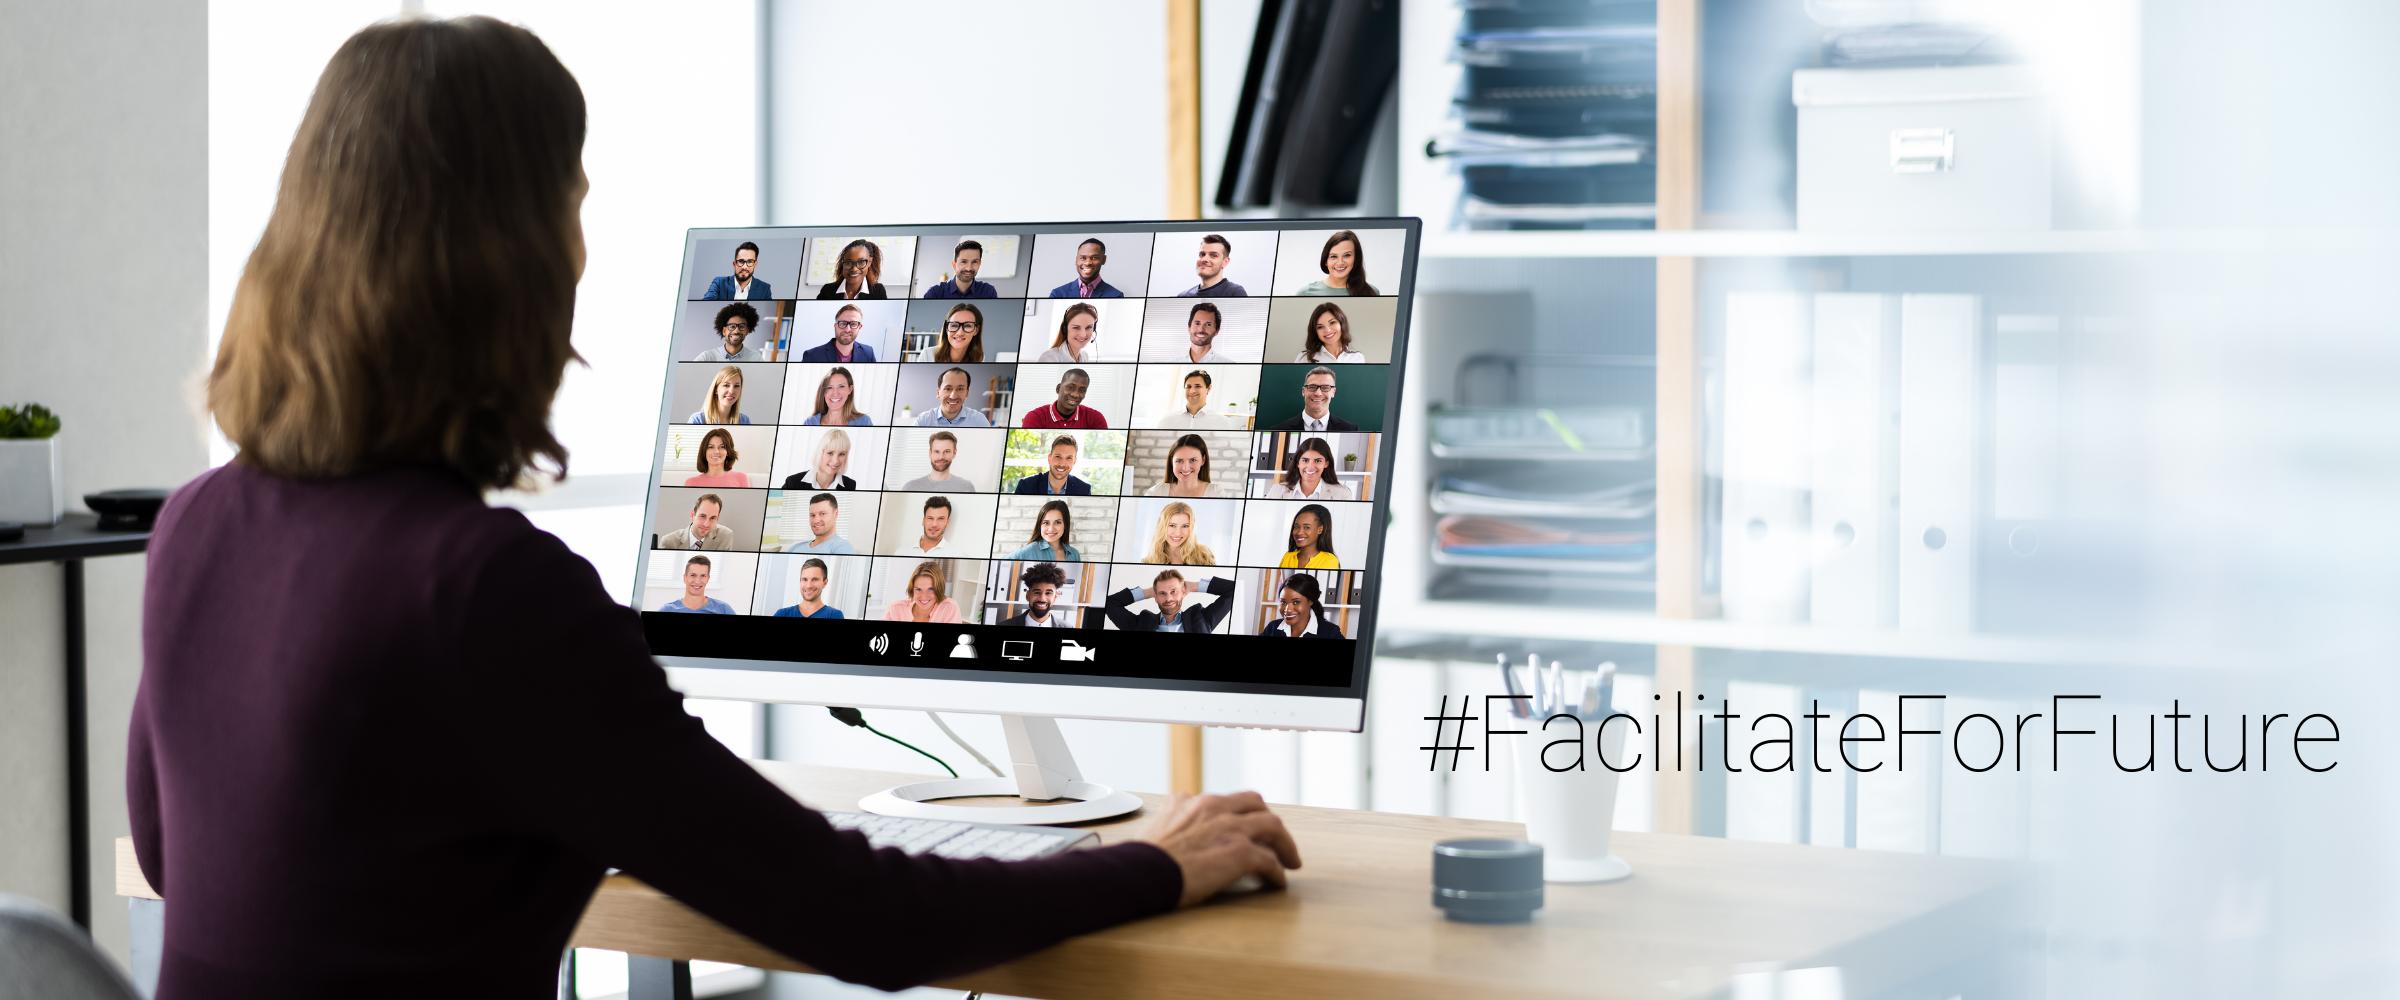 Eine Frau sitzt vor einem Bildschirm auf dem ein virtuelles Meeting käuft. Man sieht zahlreiche Gesichter.